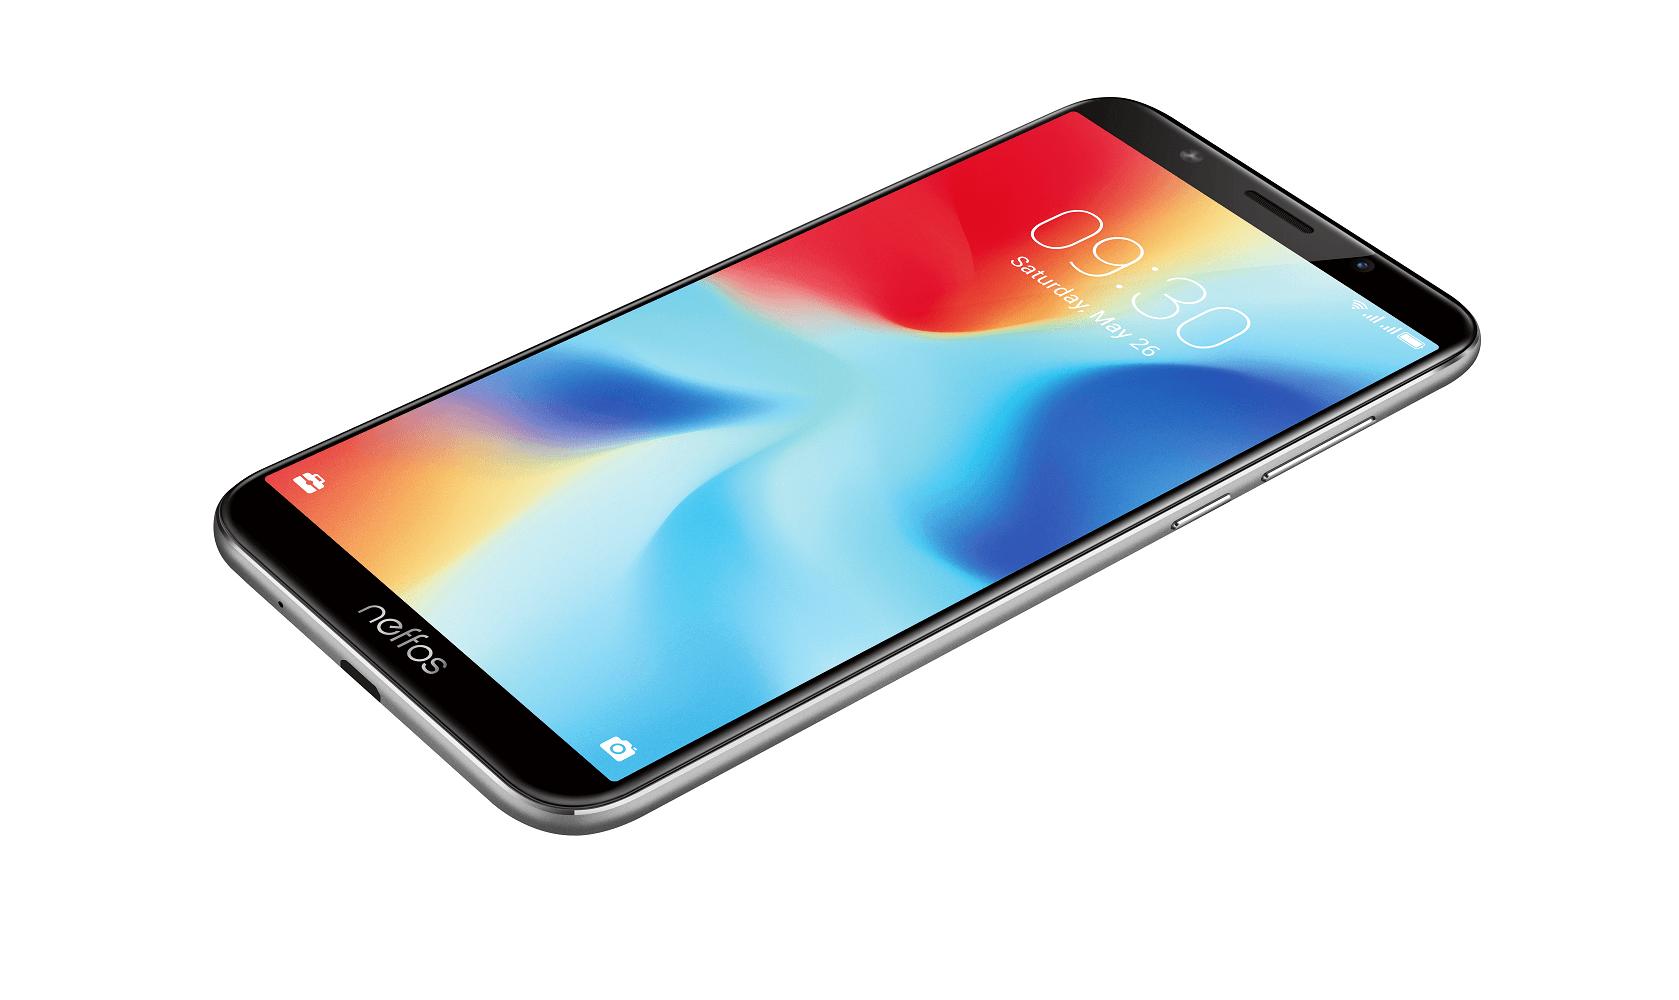 Najlepsze smartfony do 400 złotych (kwiecień 2019) 21